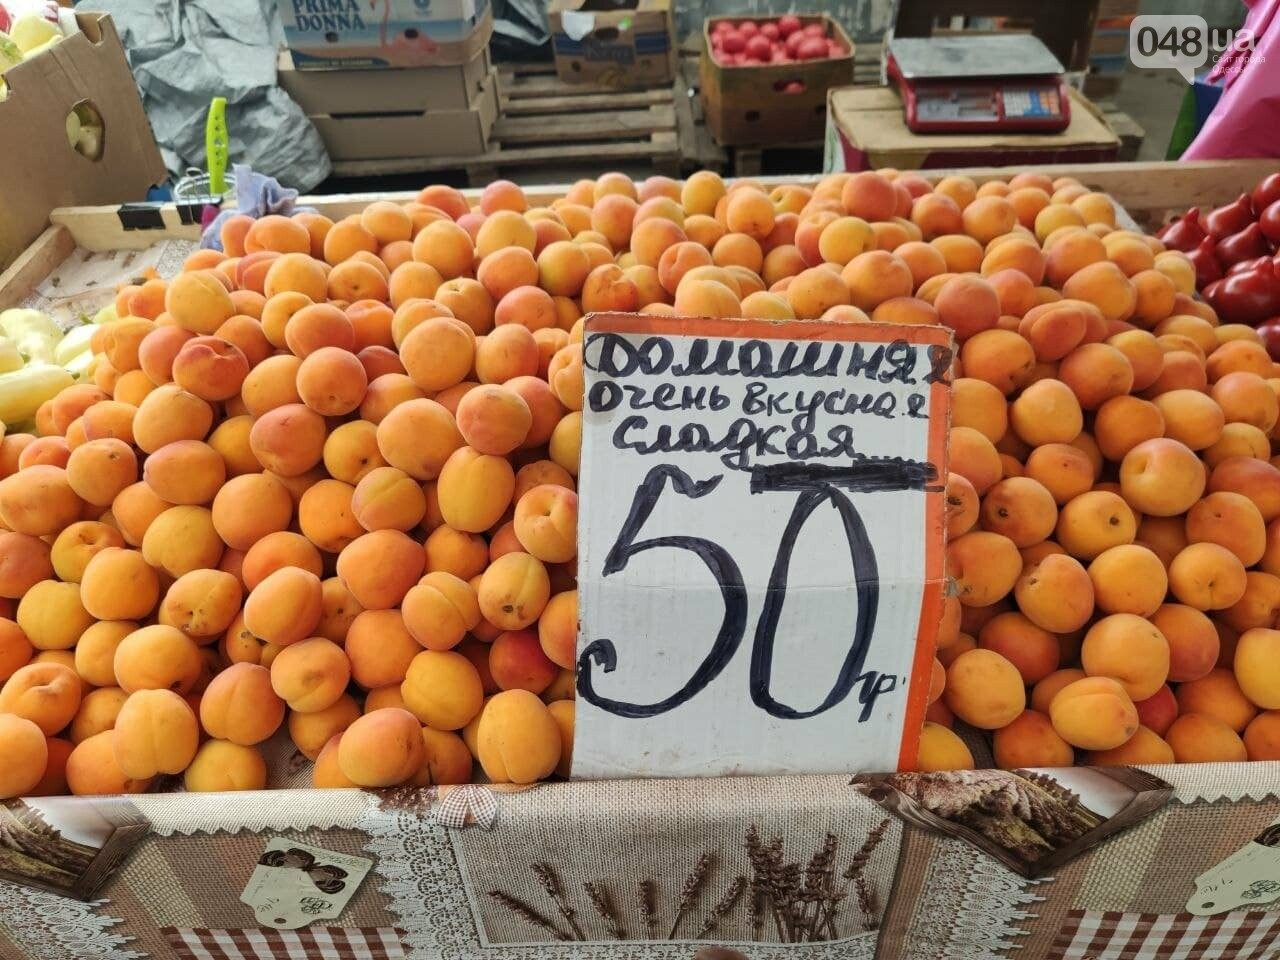 Абрикосы, черешня, кабачки: почем на одесском Привозе фрукты и овощи, - ФОТО, фото-3